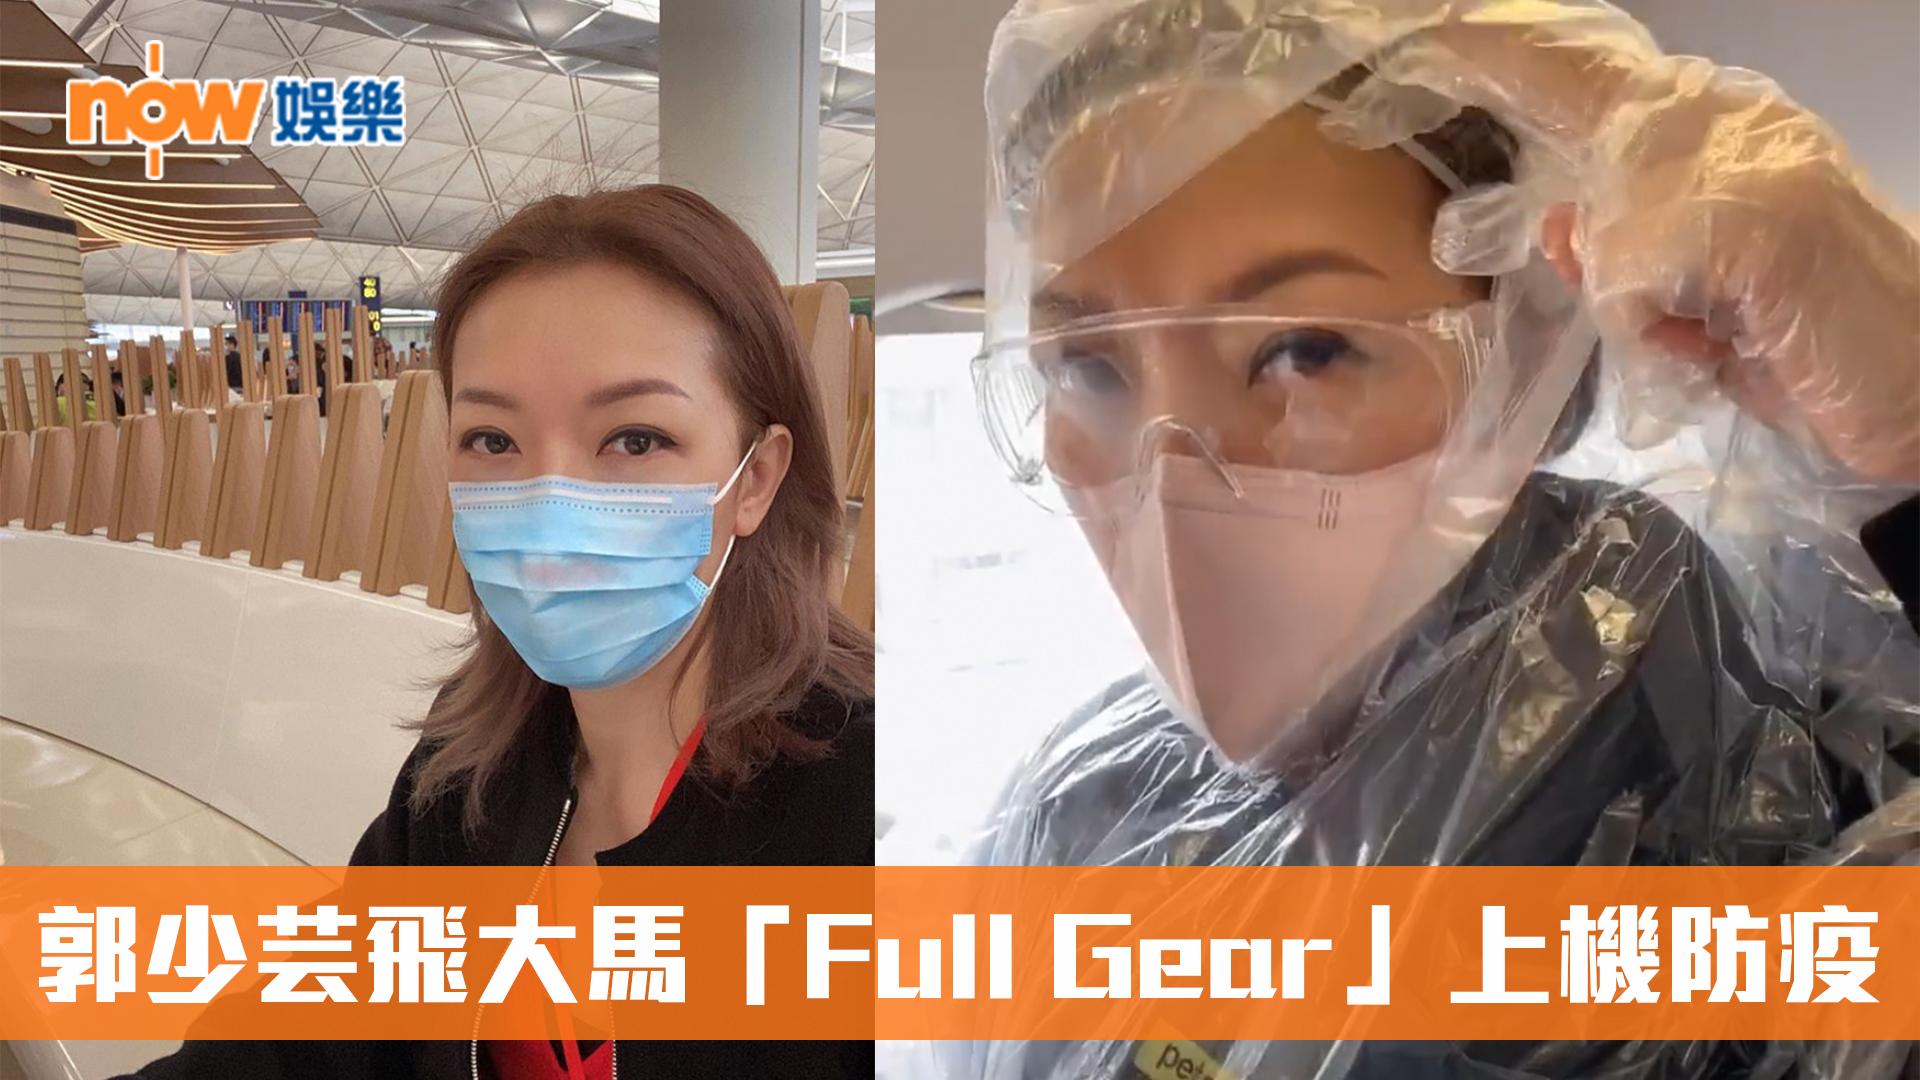 【武漢肺炎】郭少芸飛大馬心情忑忐 「Full Gear」上機防疫